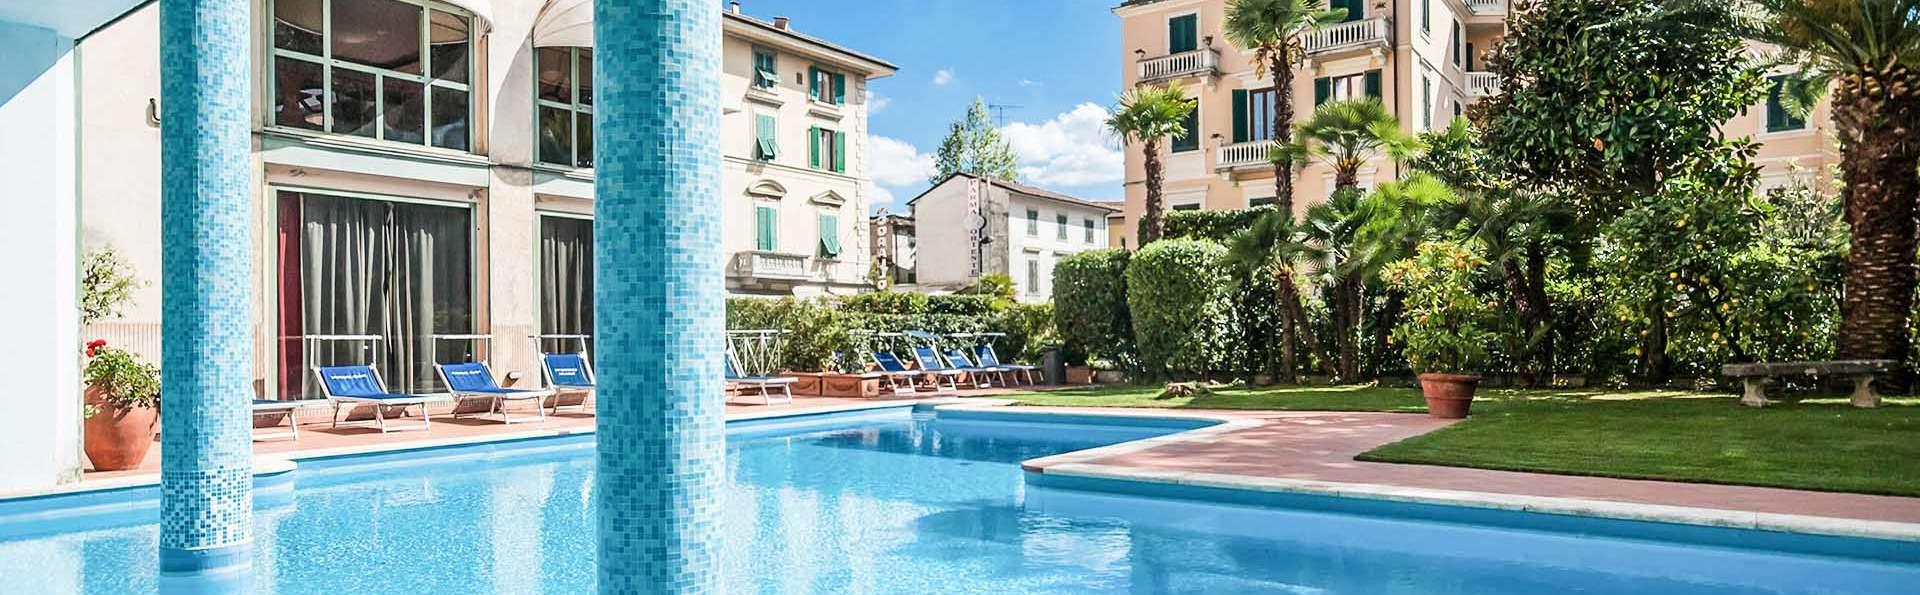 Week-end à Montecatini Terme, en chambre Superior dans un hôtel situé dans le centre historique